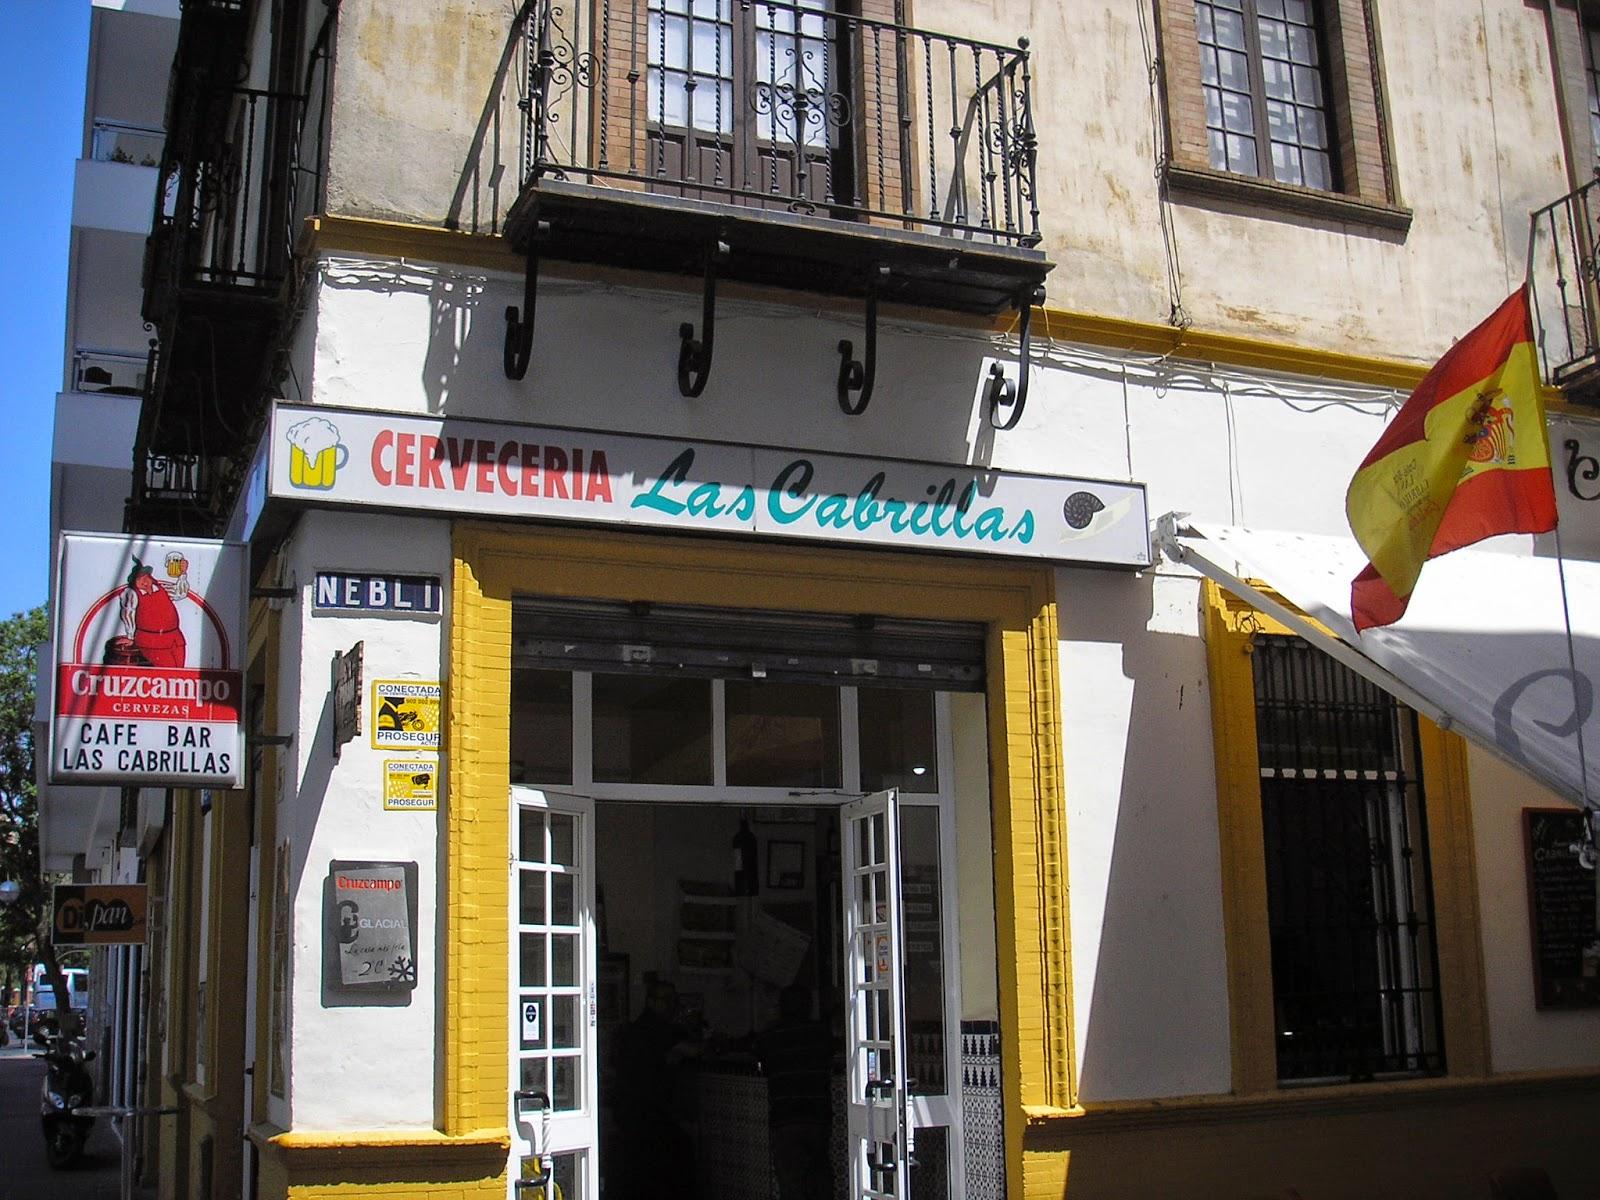 Portada - Bar Las Cabrillas - Serranito Advisor